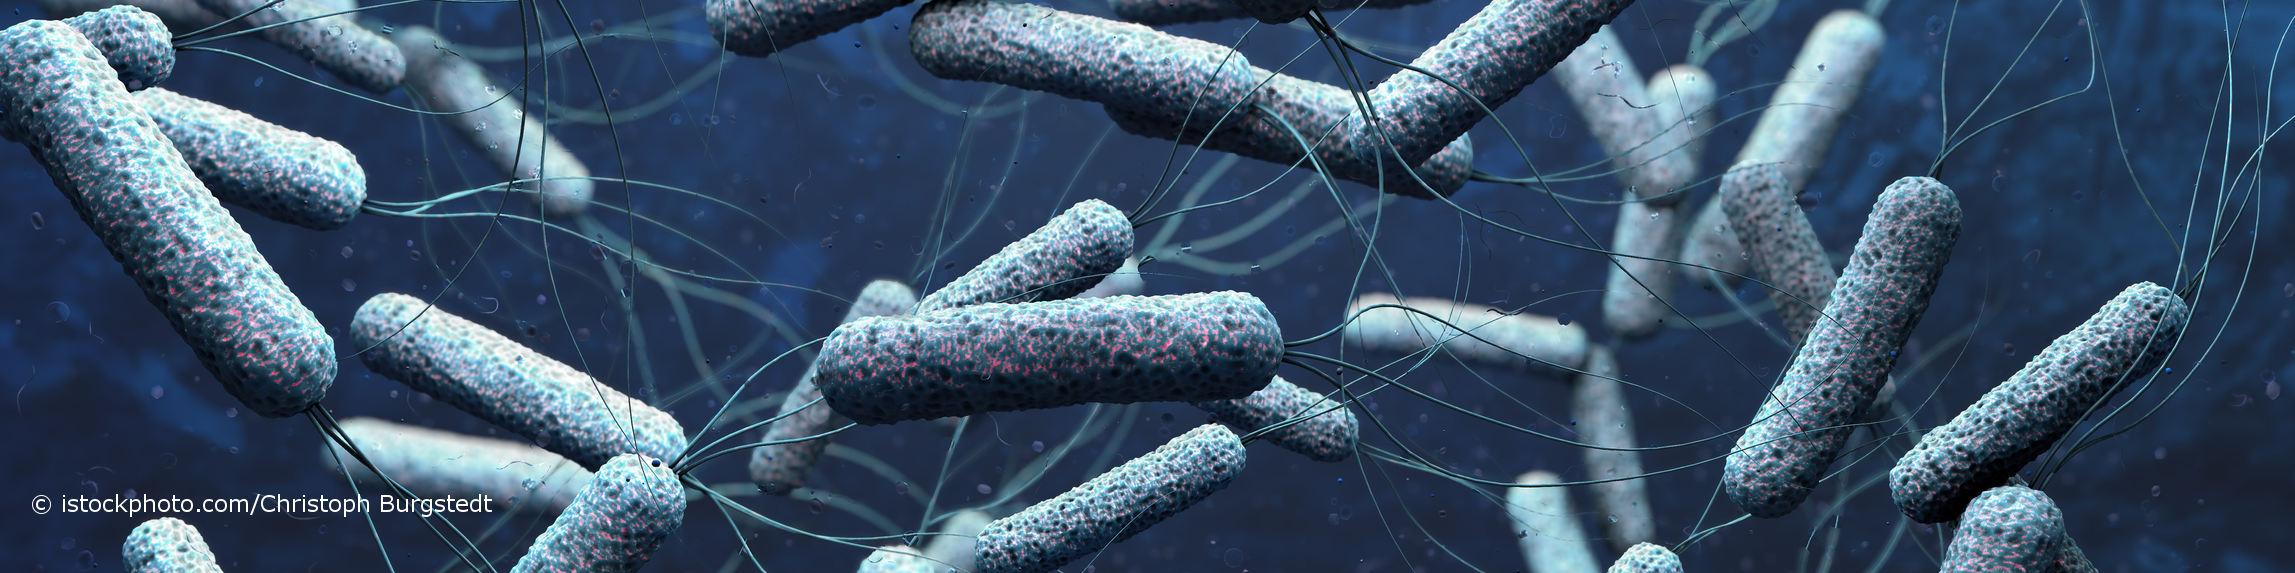 Bestimmte Stämme des Bakteriums Vibrio cholerae können Cholera hervorrufen.